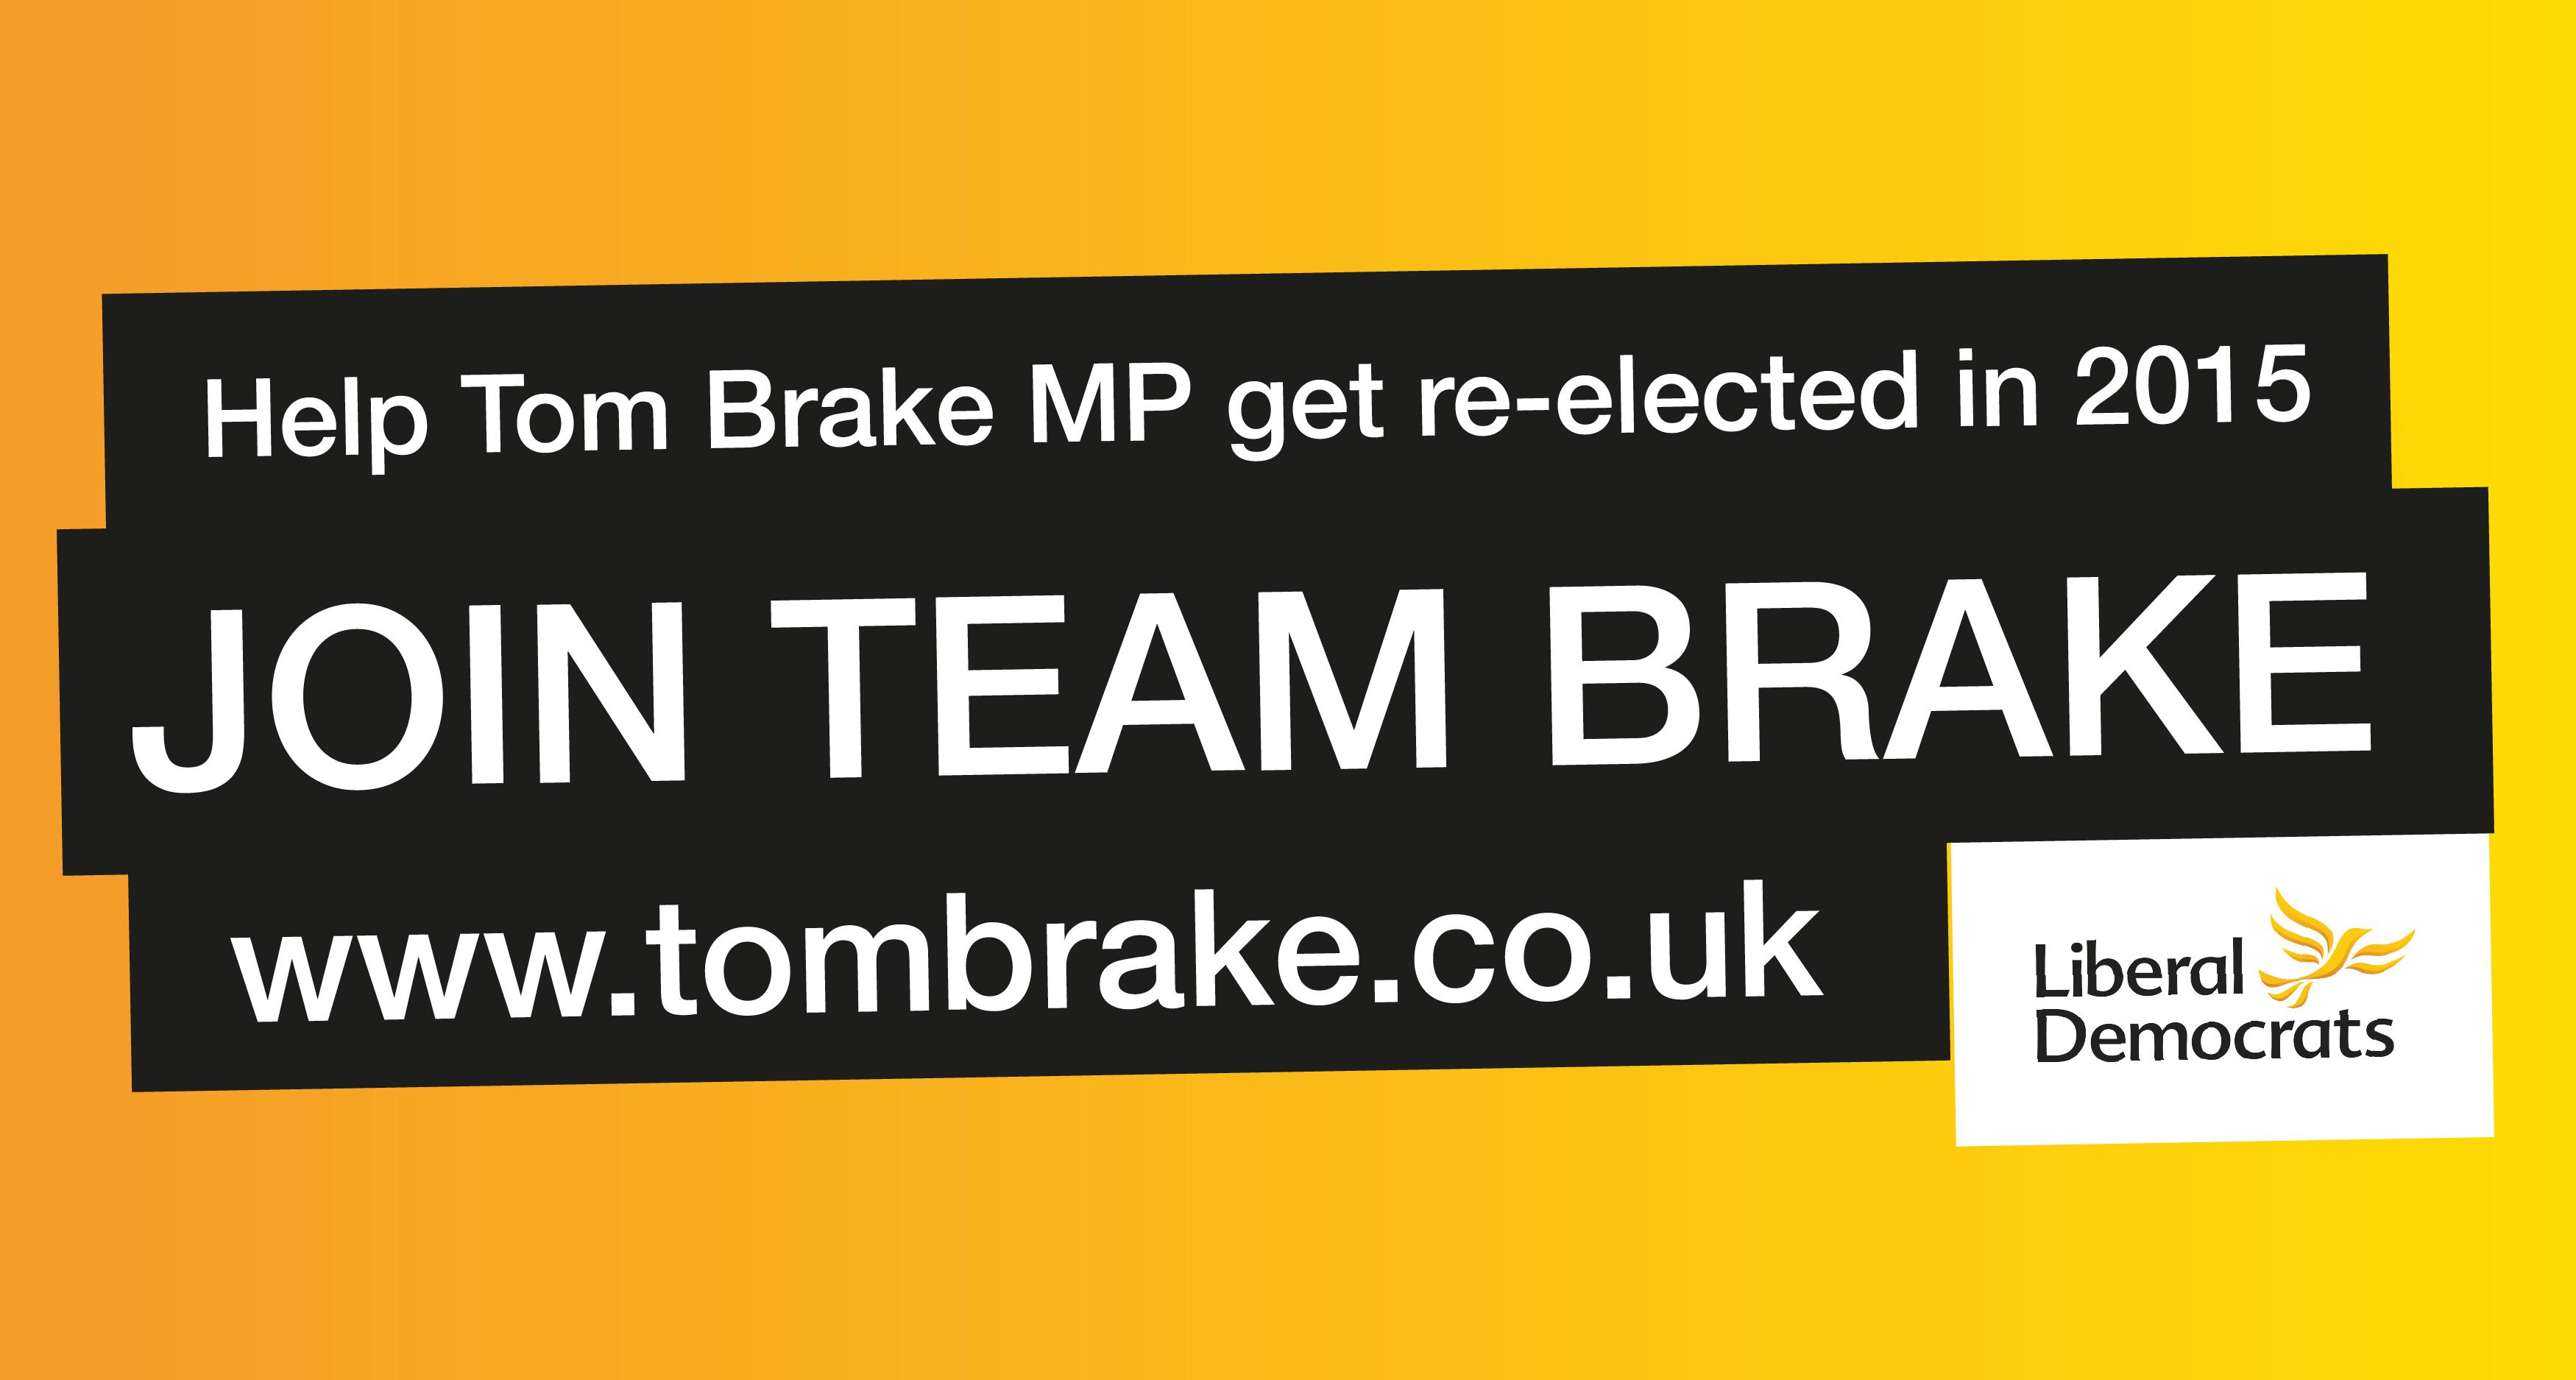 Join Team Brake